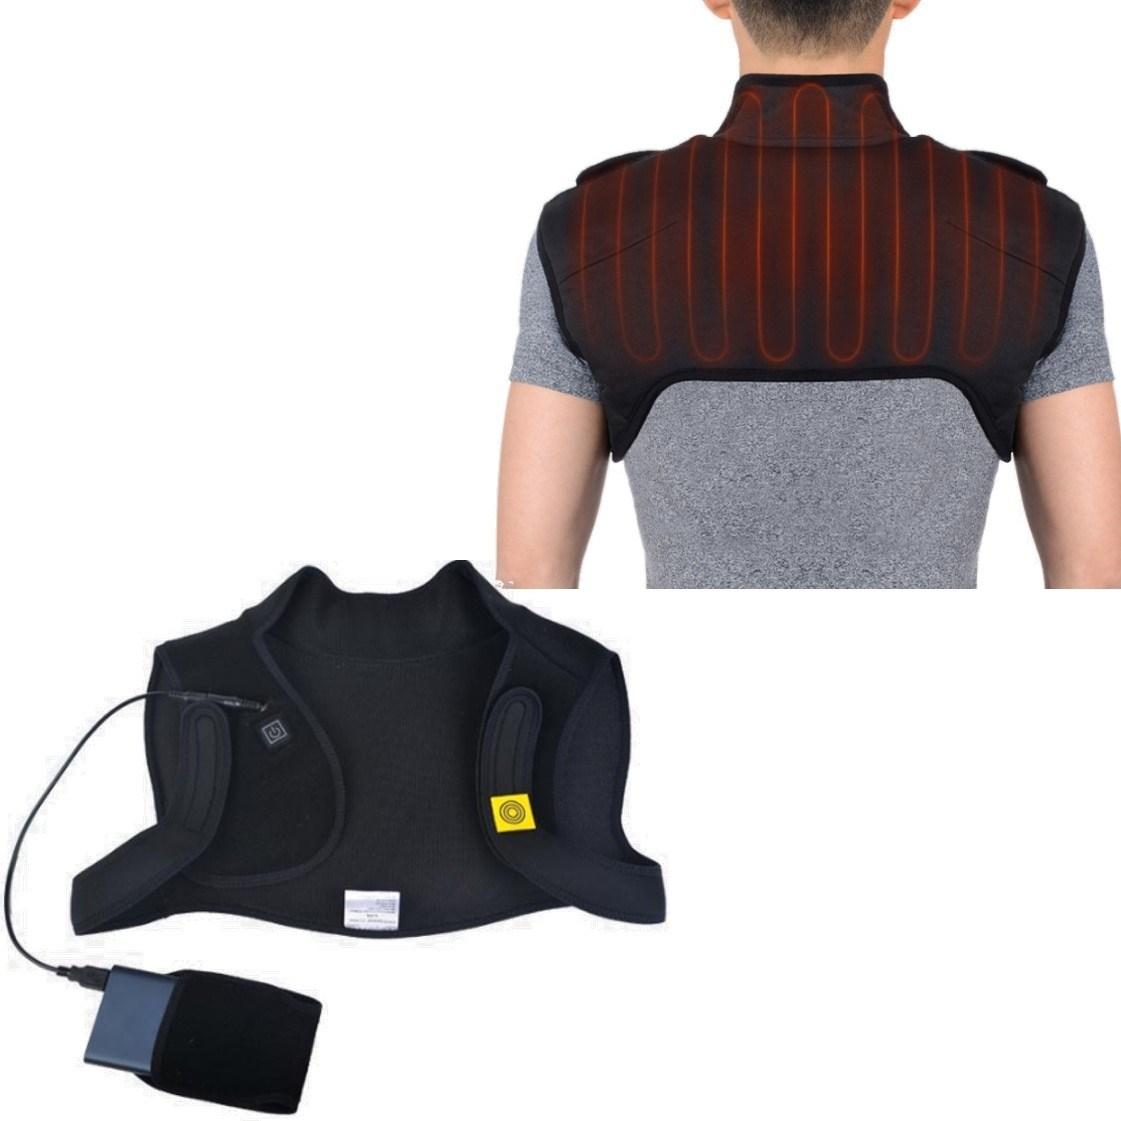 라디언스 목-어깨 원적외선 클리닉 찜질팩 S M, 1개